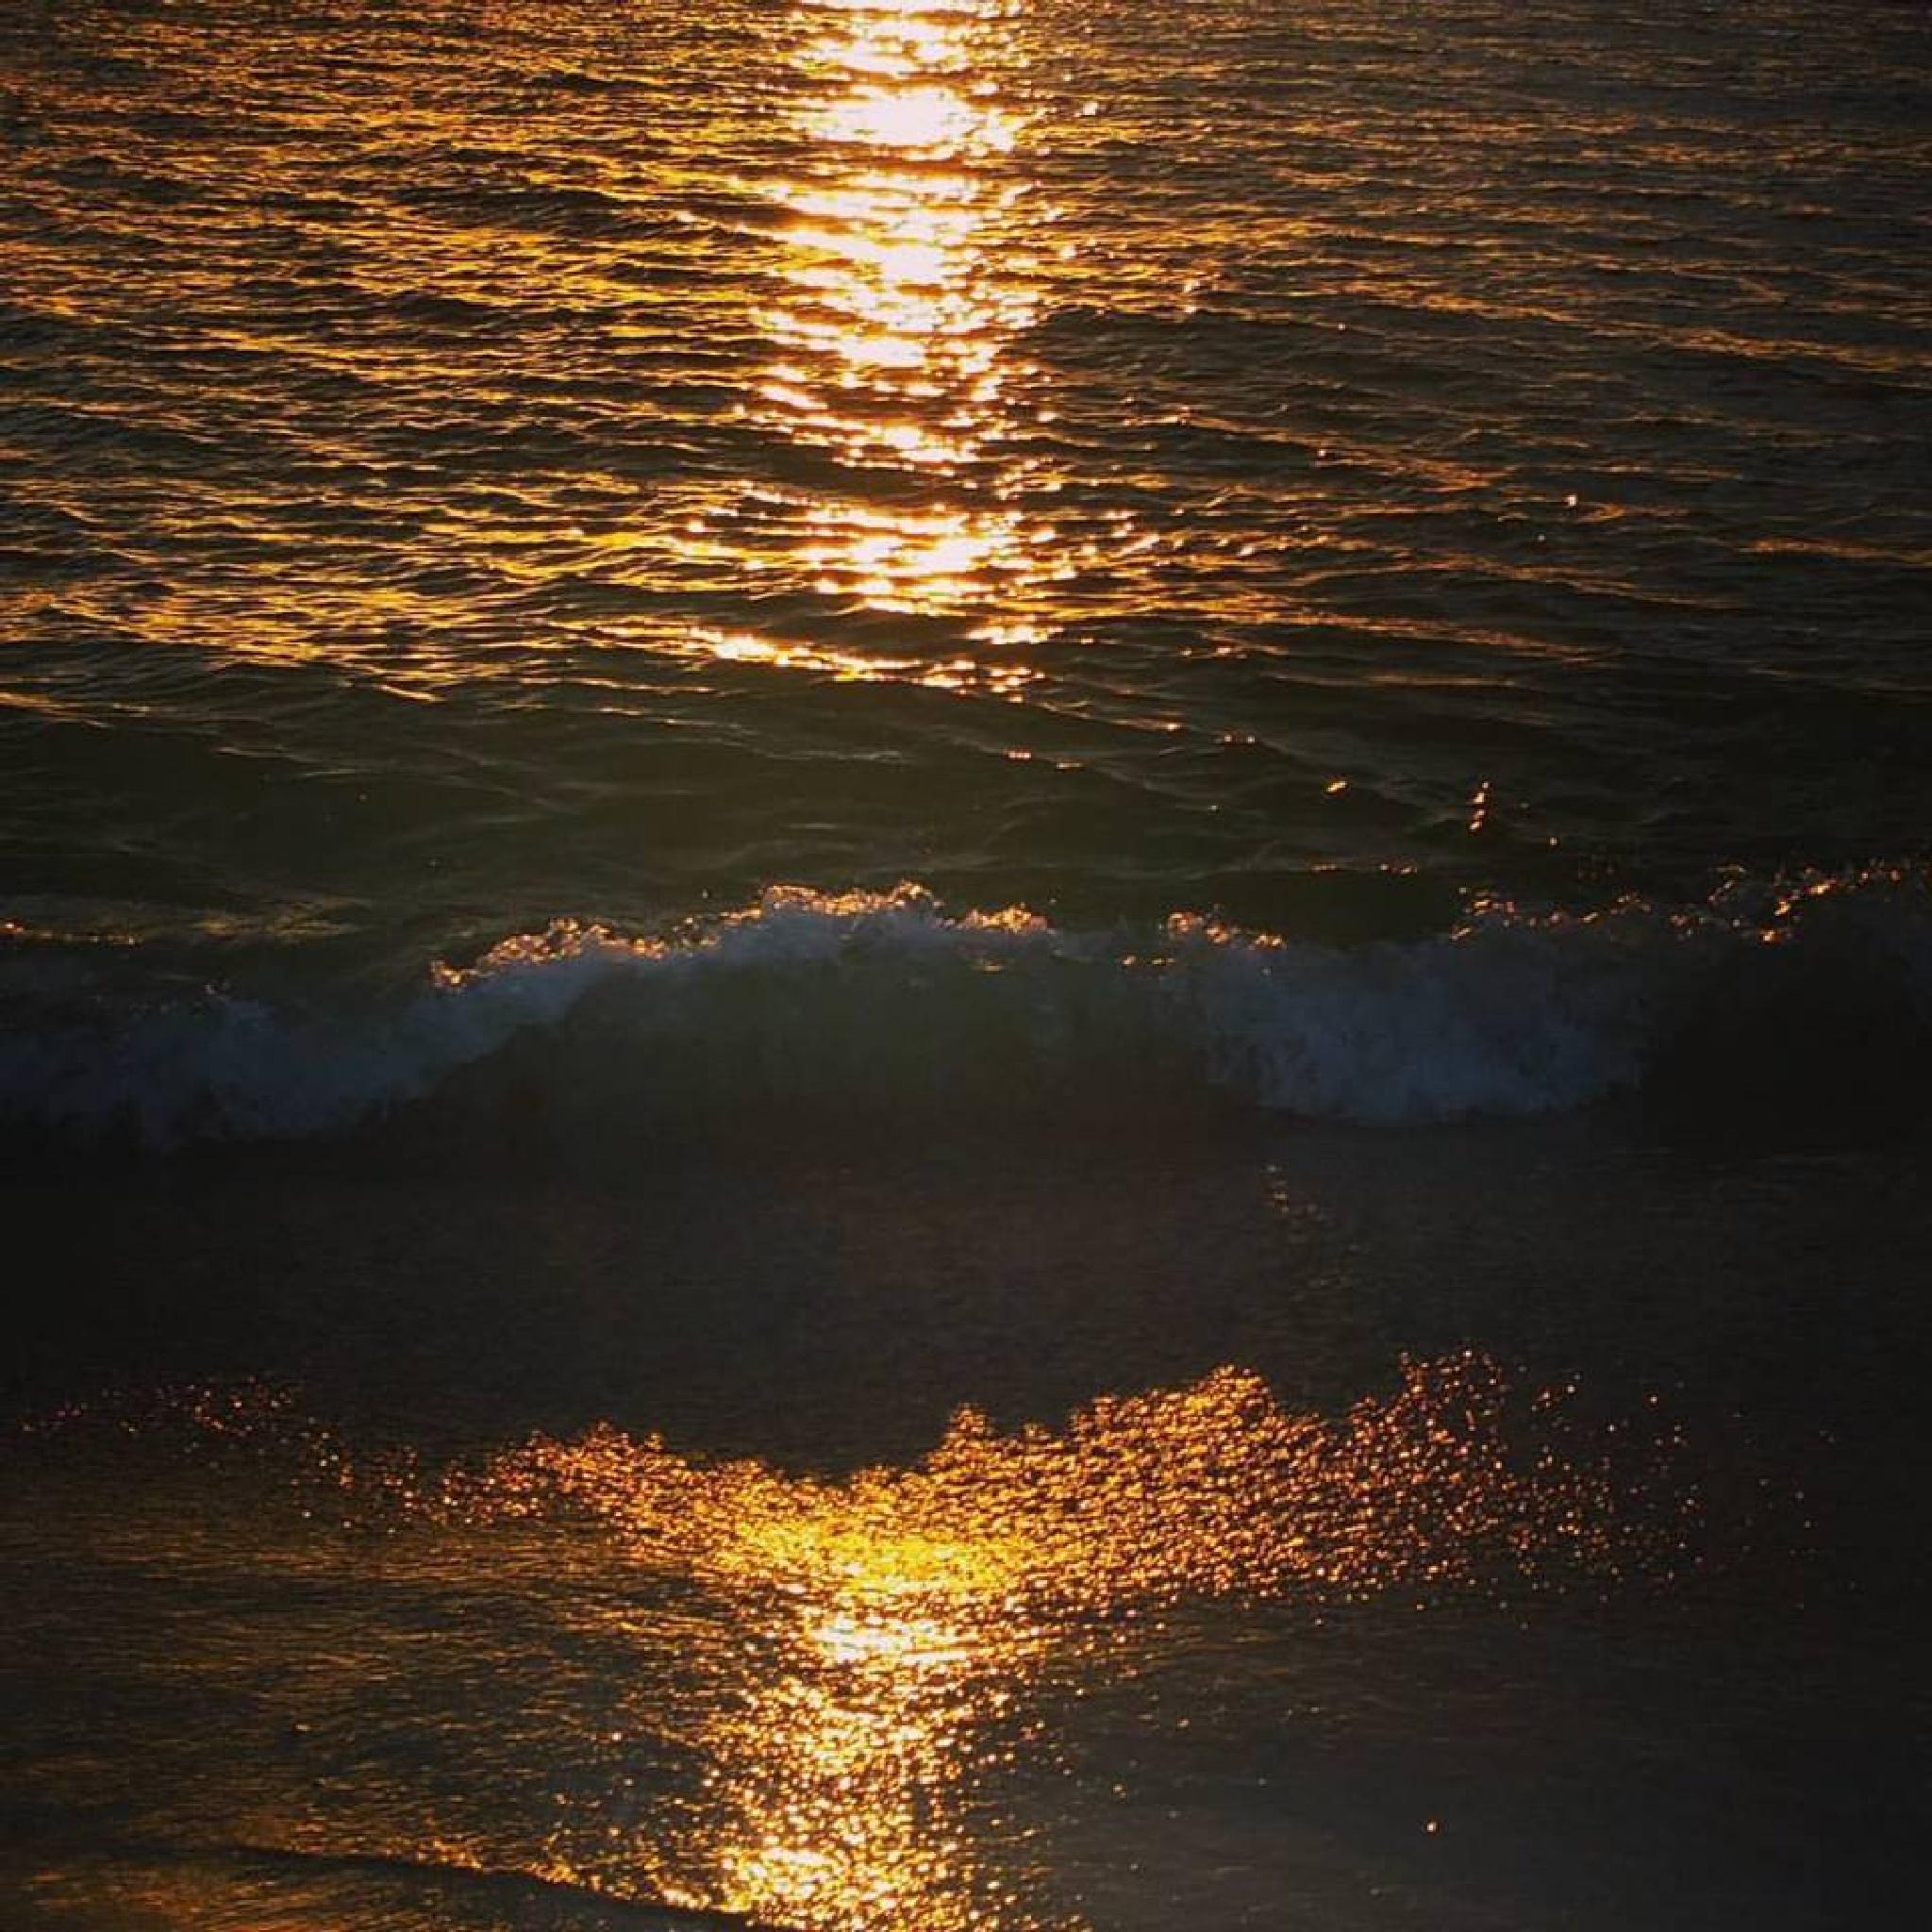 Golden Ocean by alicia.hurley.10